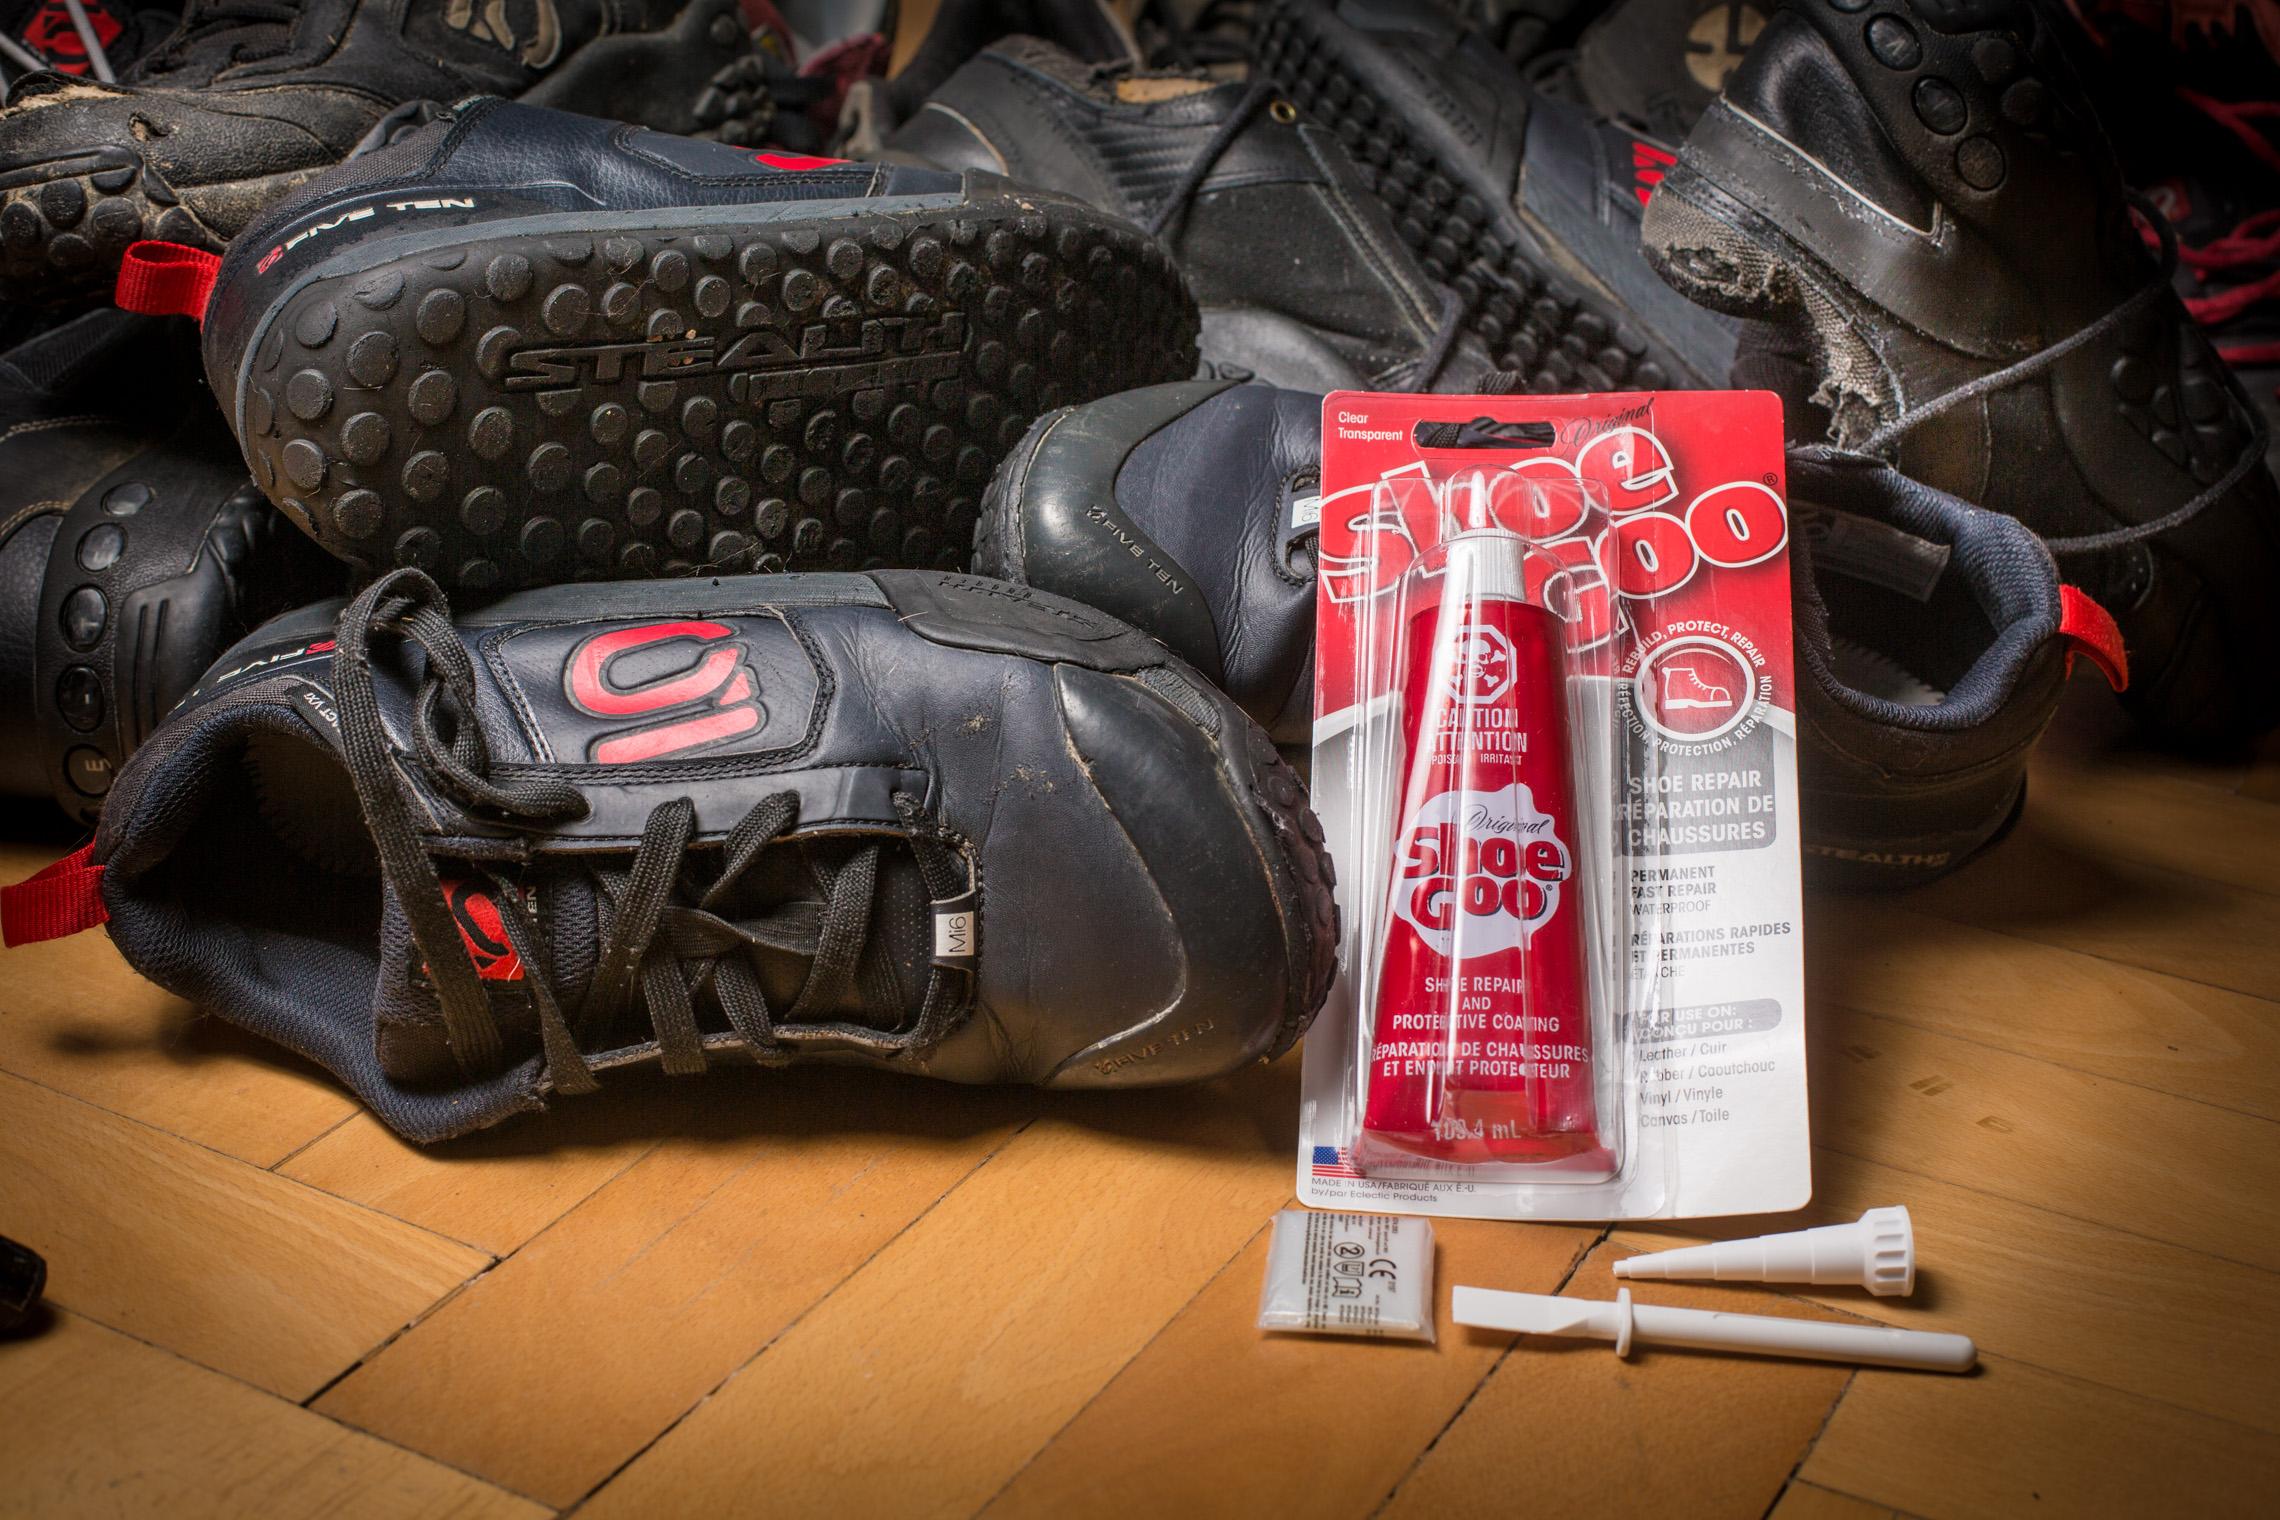 Reparieren statt wegwerfen: Shoe Goo Kleber für die Sohle im